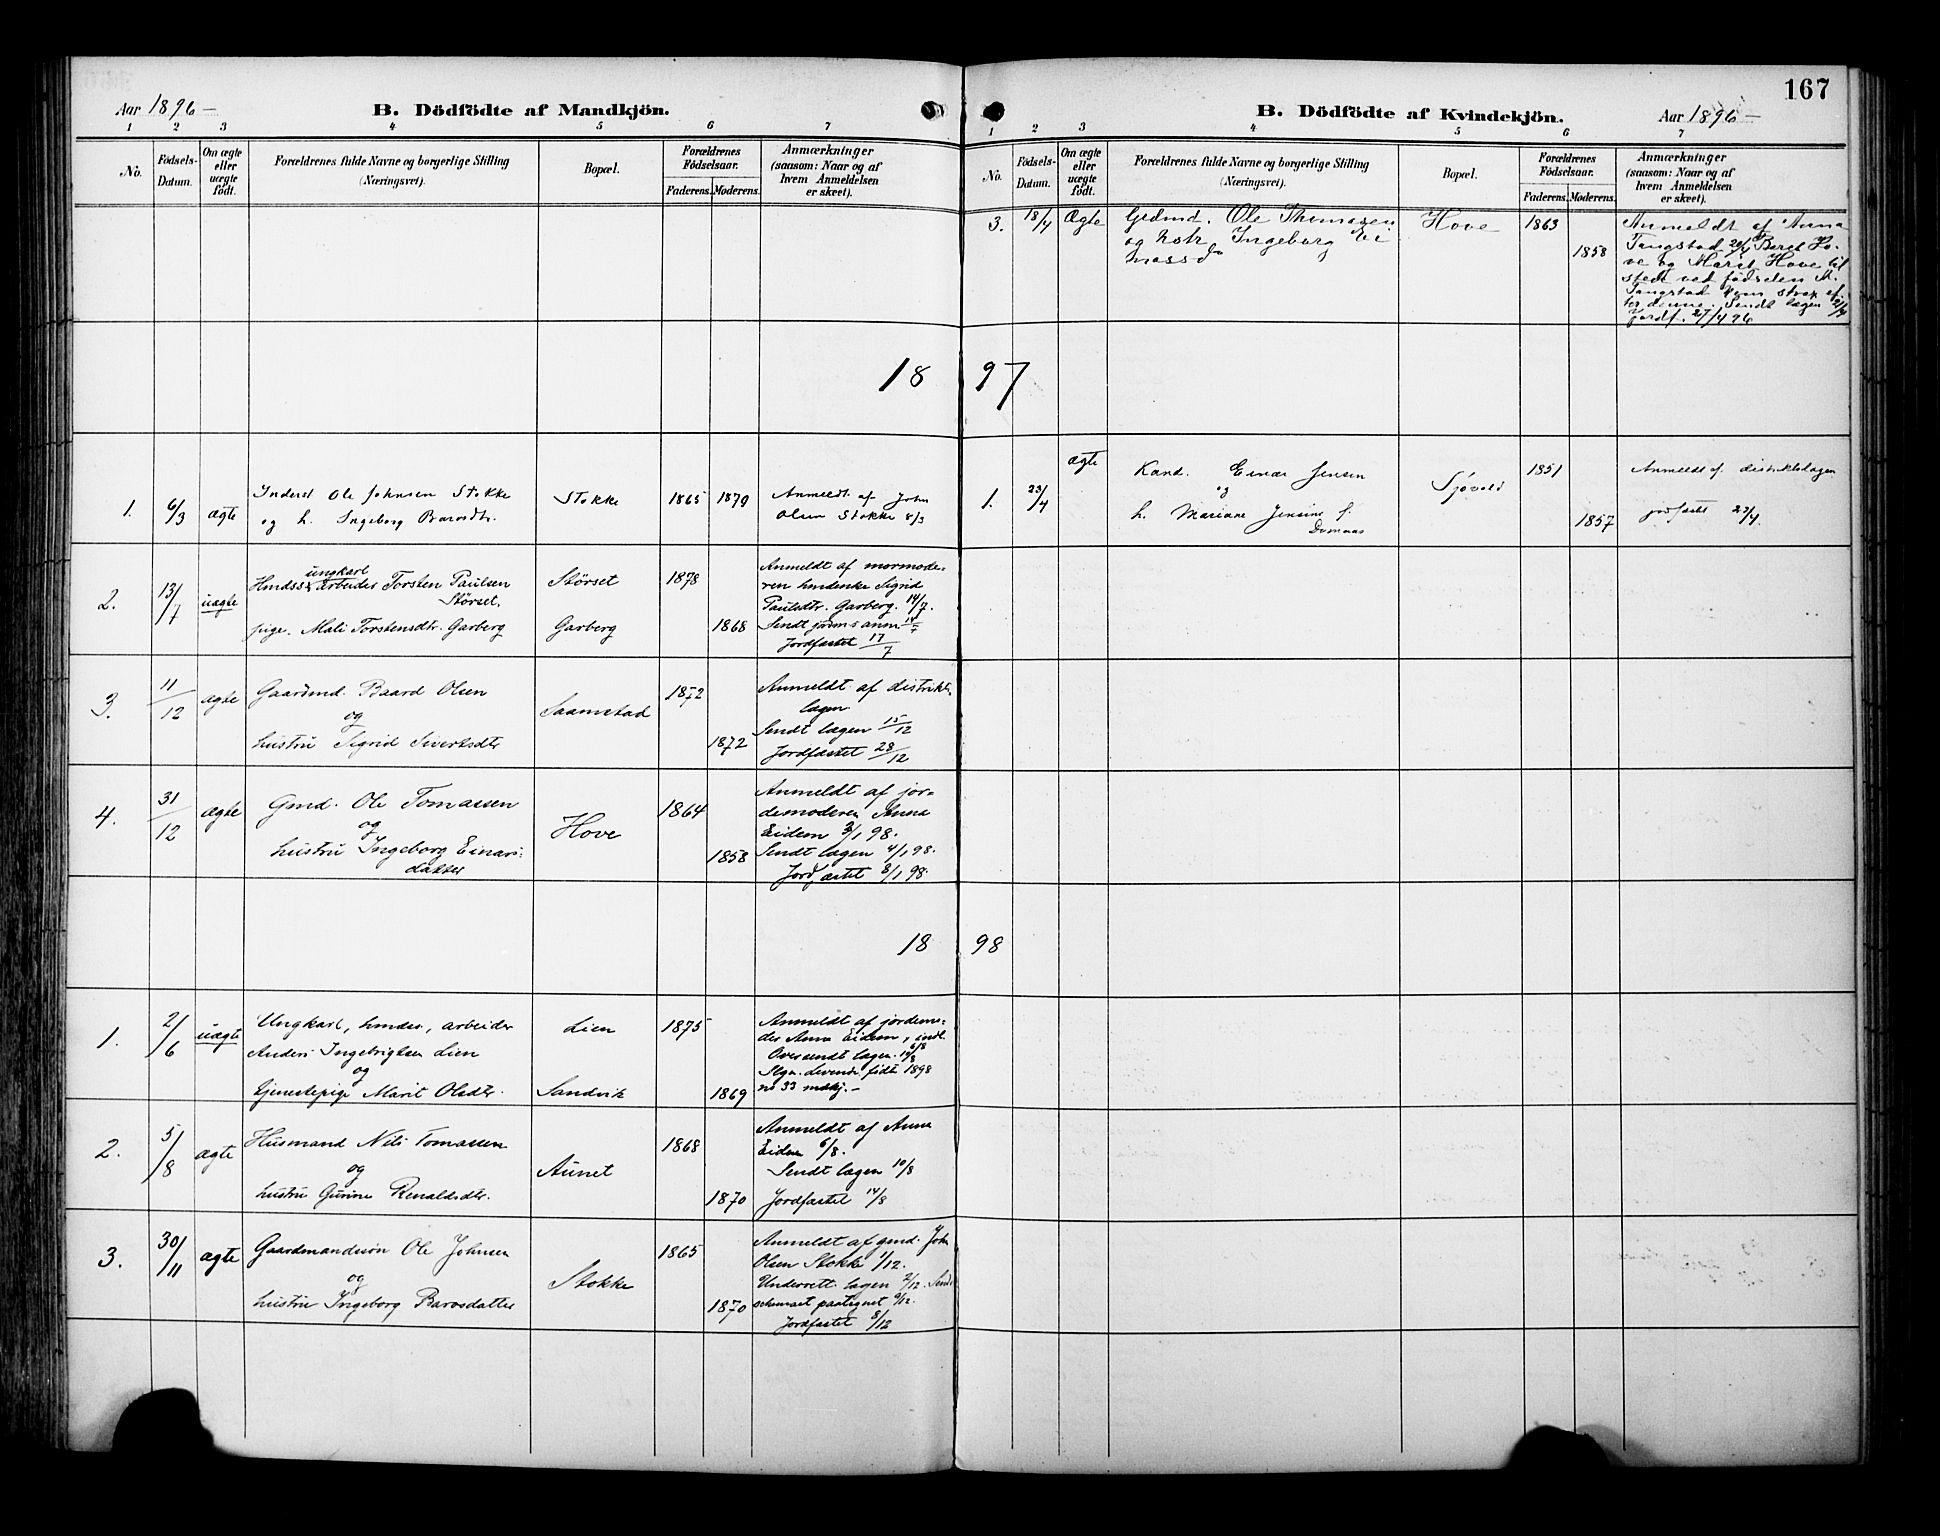 SAT, Ministerialprotokoller, klokkerbøker og fødselsregistre - Sør-Trøndelag, 695/L1149: Ministerialbok nr. 695A09, 1891-1902, s. 167